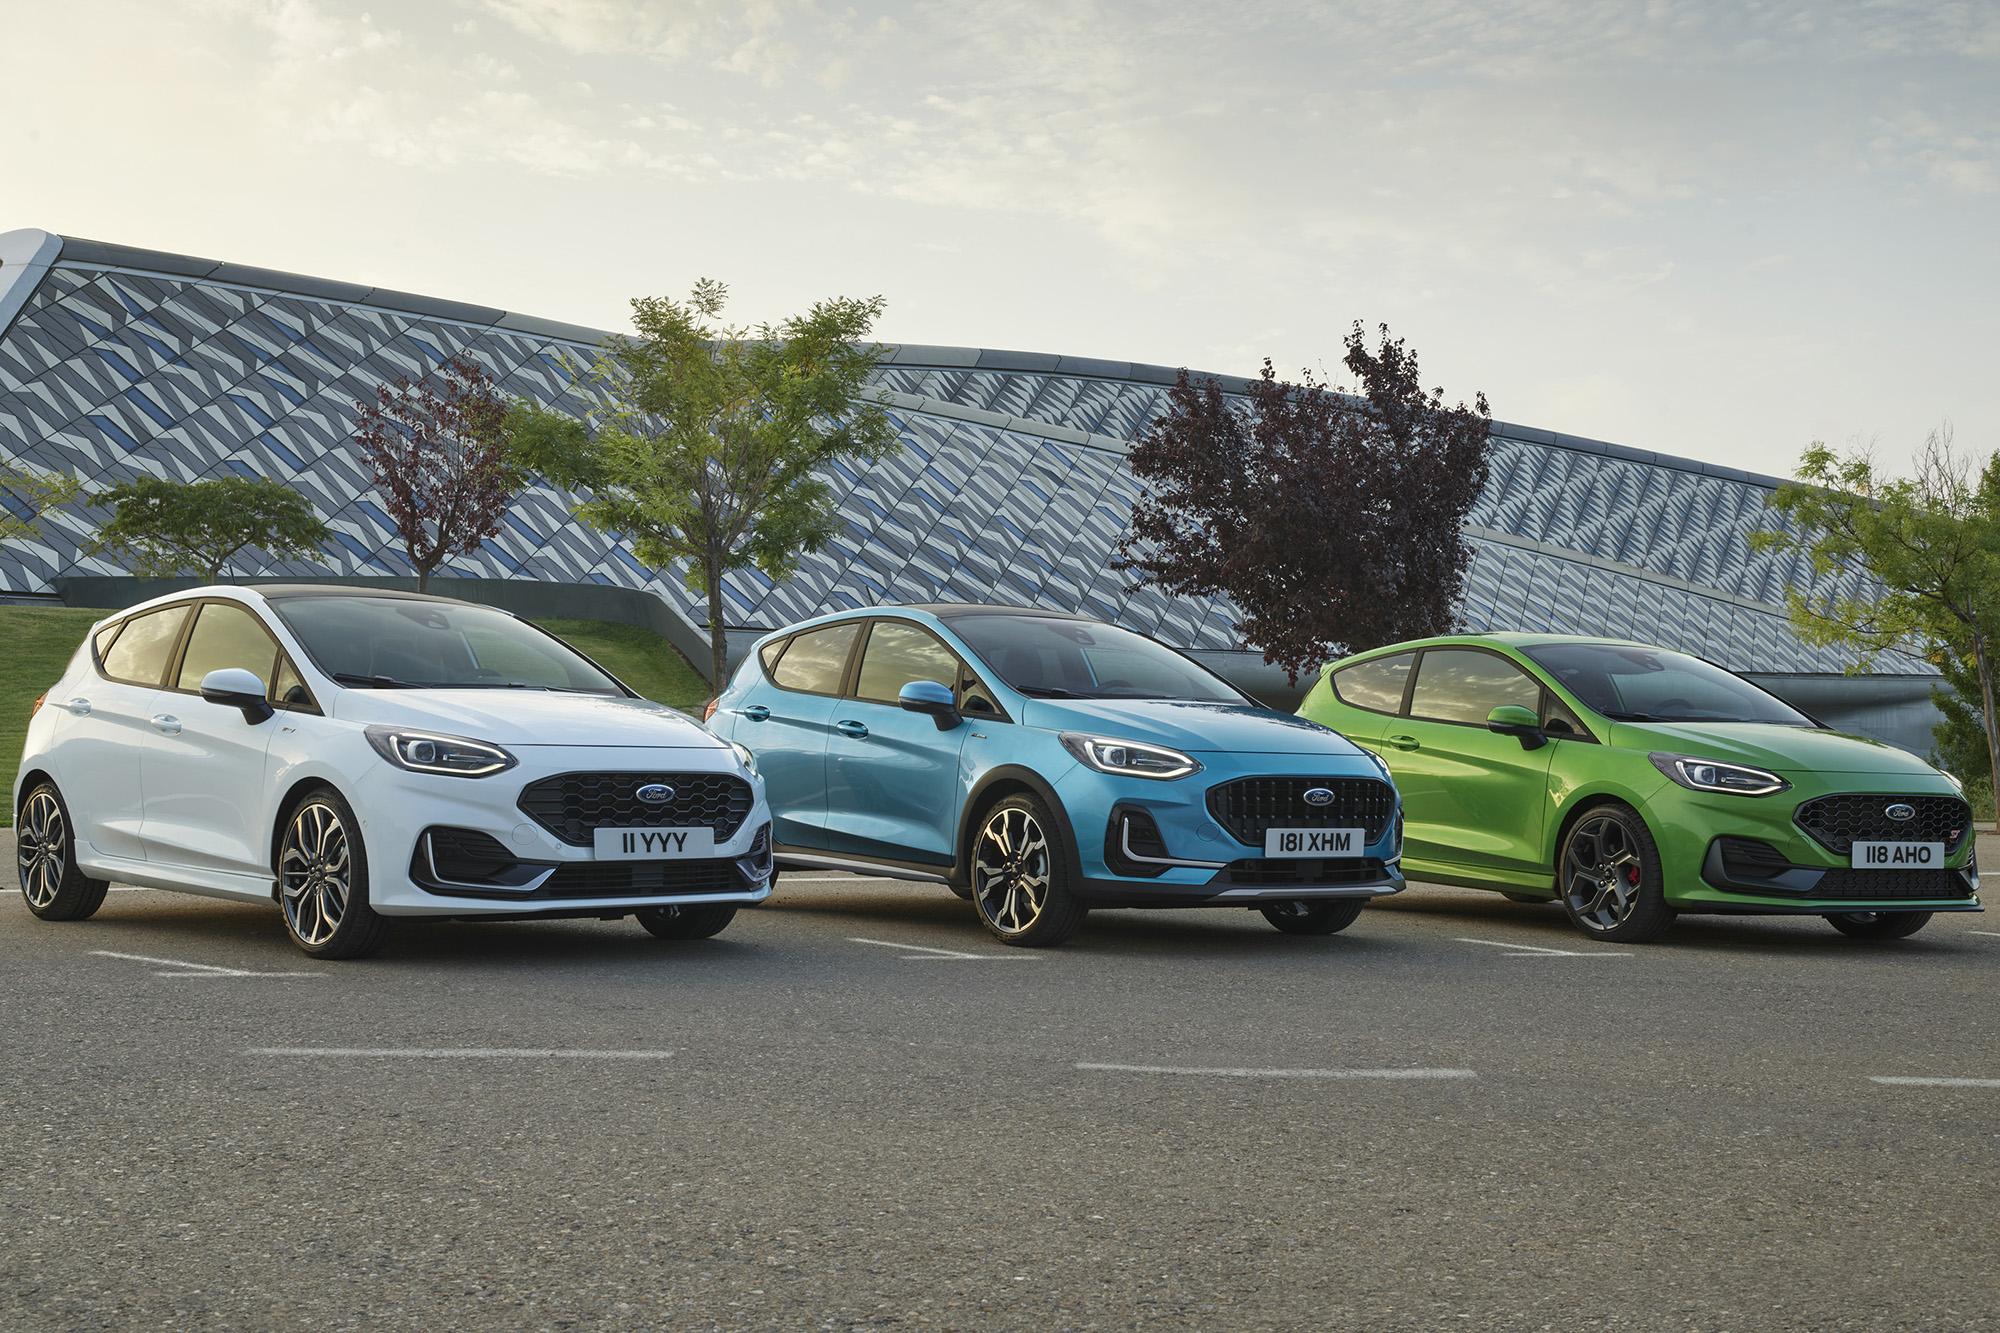 Longe do Brasil, Ford Fiesta 2022 é 1.0 híbrido que faz mais de 20 km/l